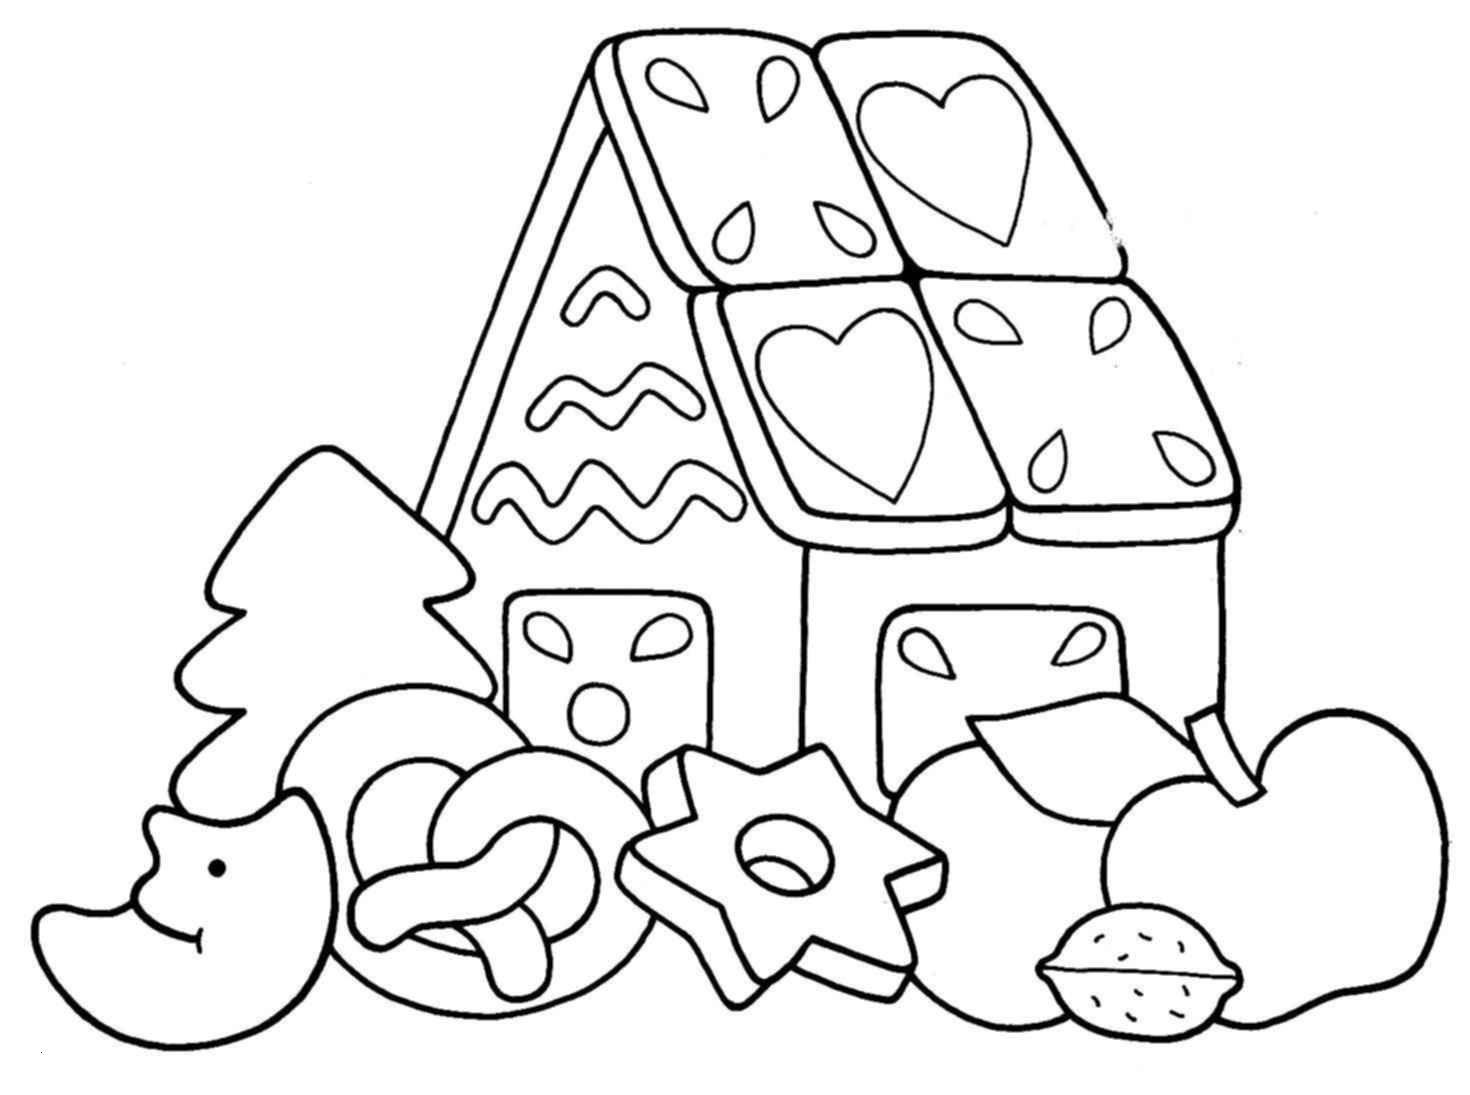 Einhorn Emoji Zum Ausmalen Einzigartig 35 Frisch Ausmalbilder Emojis Mickeycarrollmunchkin Das Bild